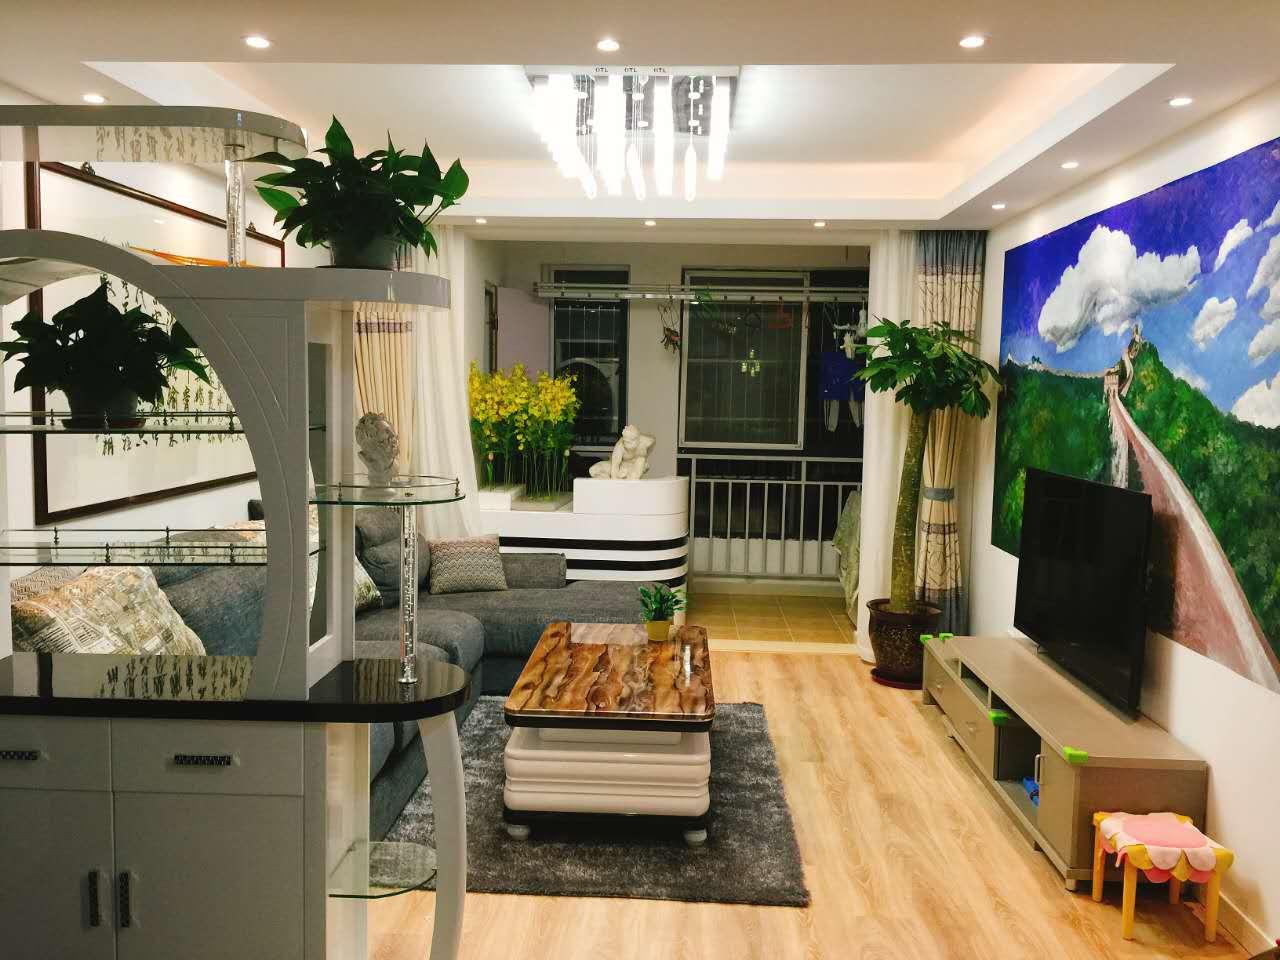 多宝格柜体除了划分空间外,装饰柜收纳功能也很强大,随意摆放的一些绿植也让空间充满了生活气息。